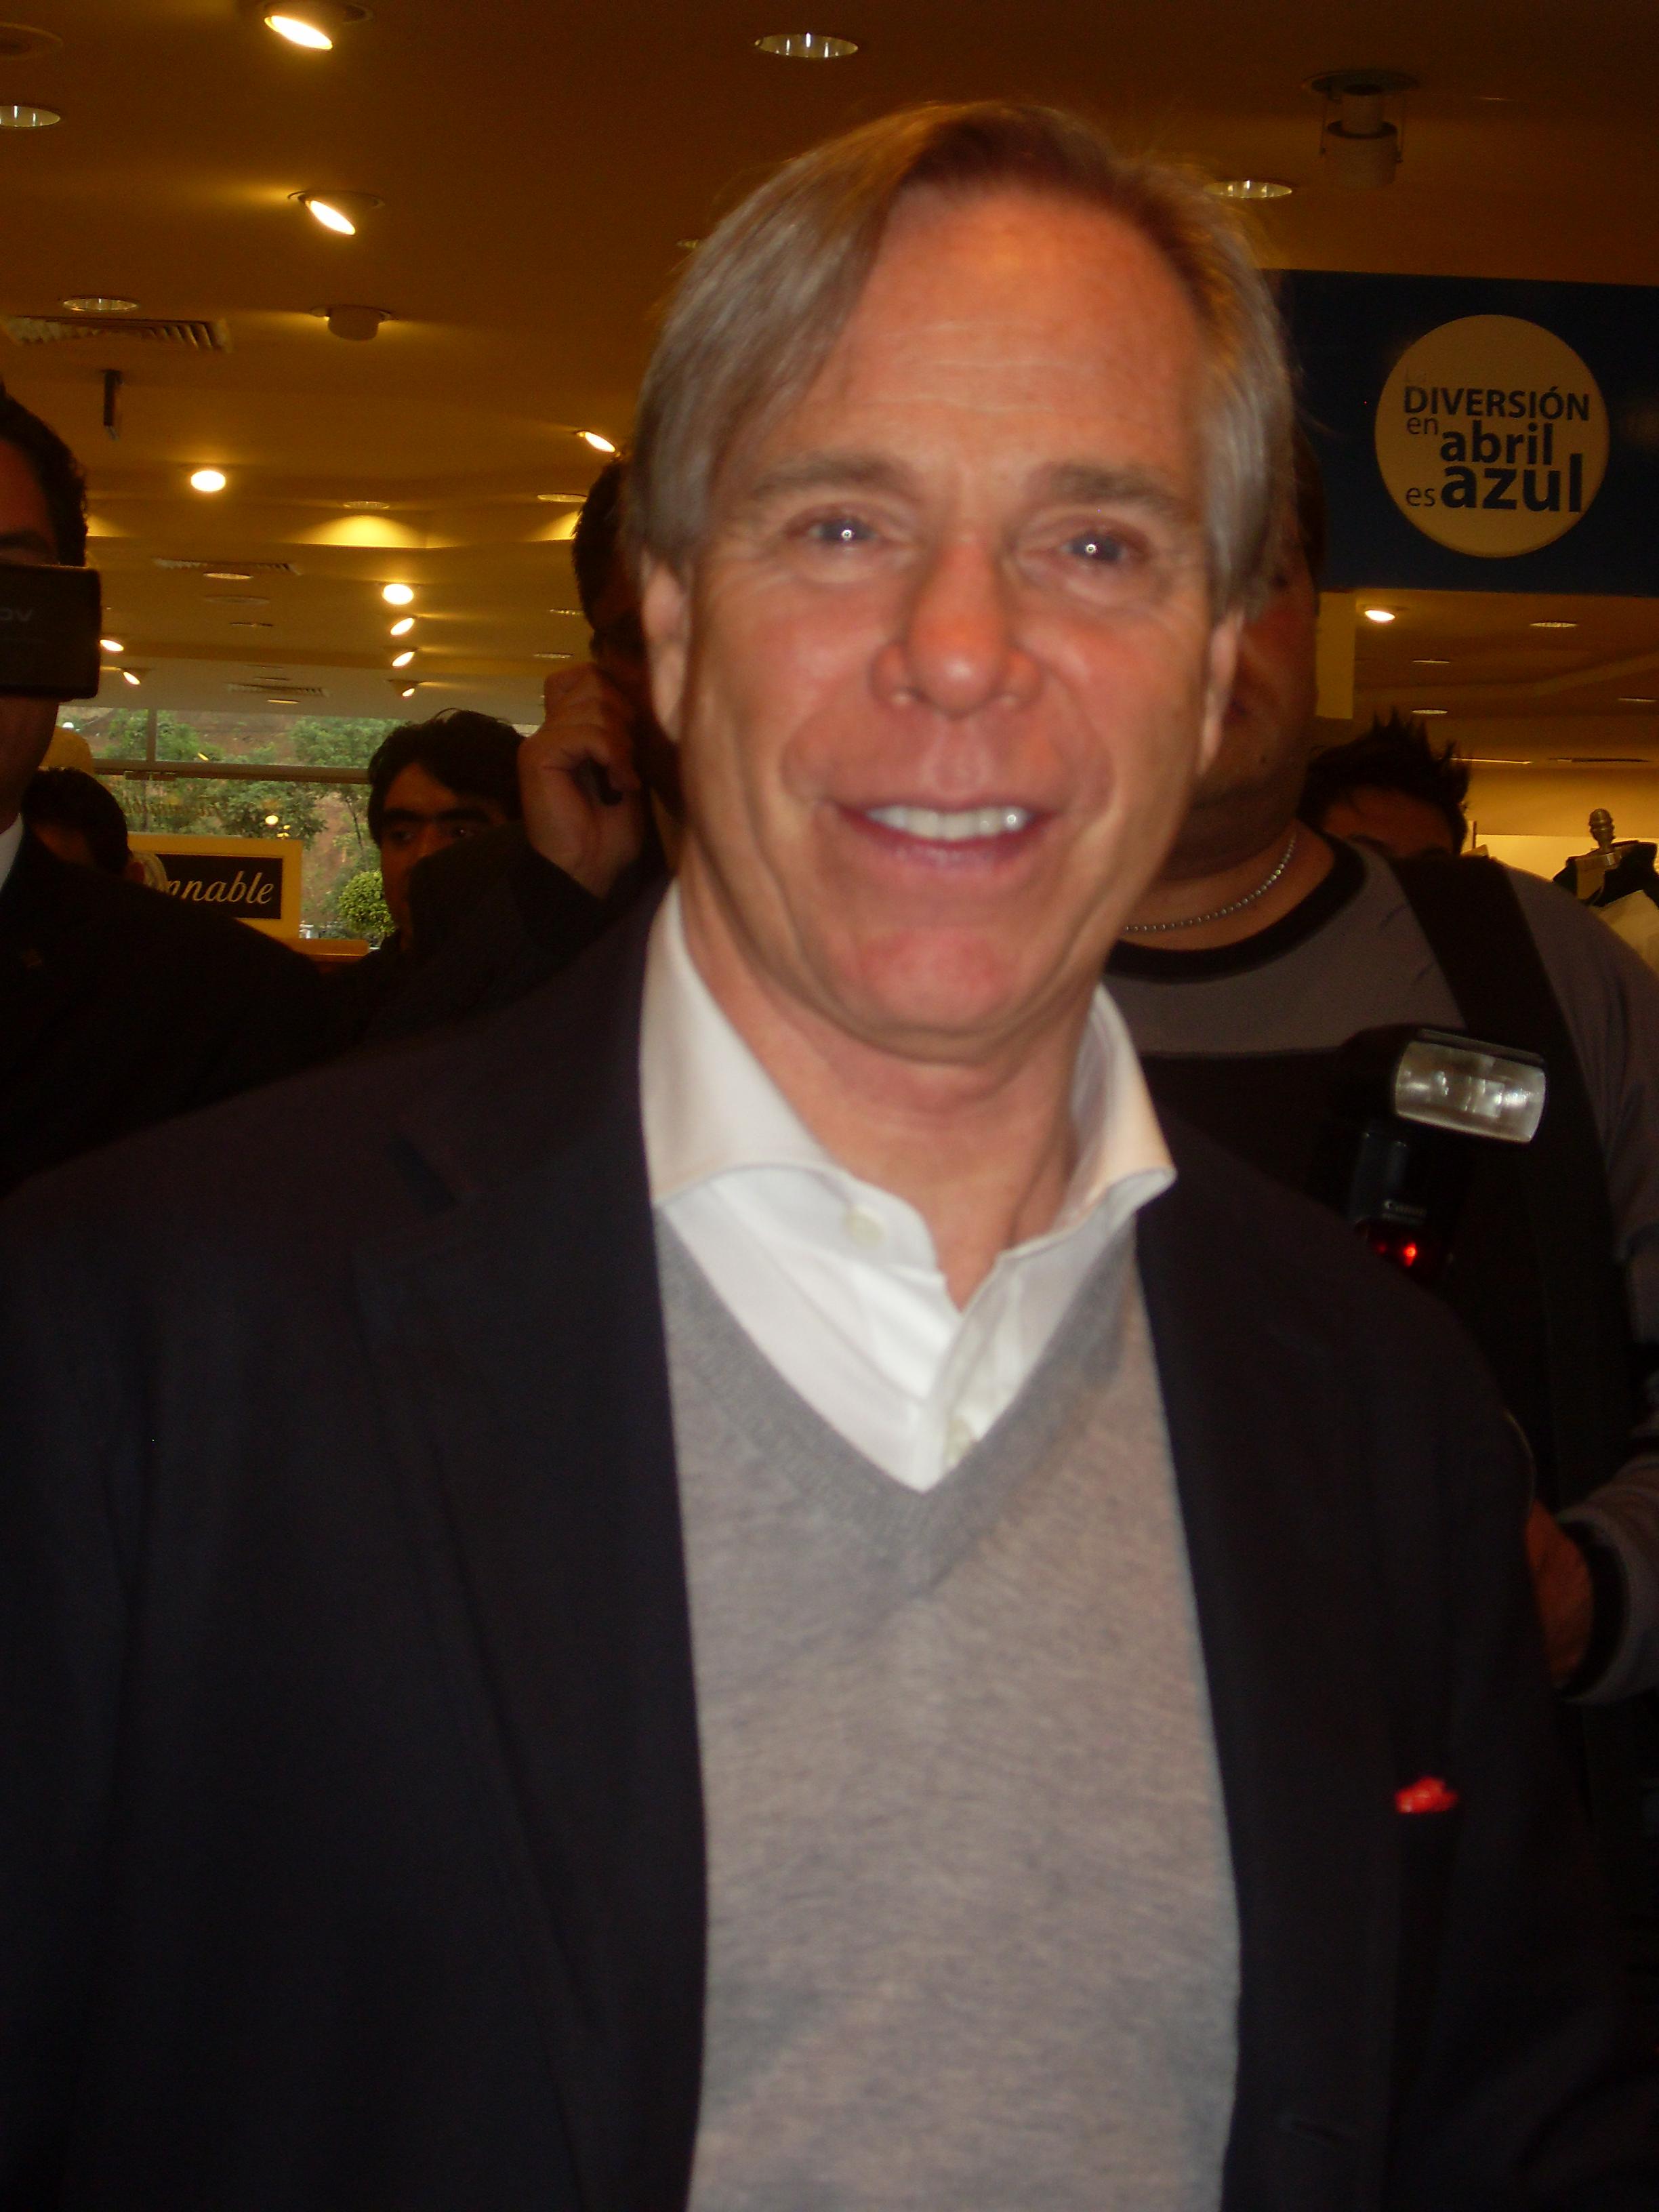 File:TommyHilfiger.JPG - Wikimedia Commons